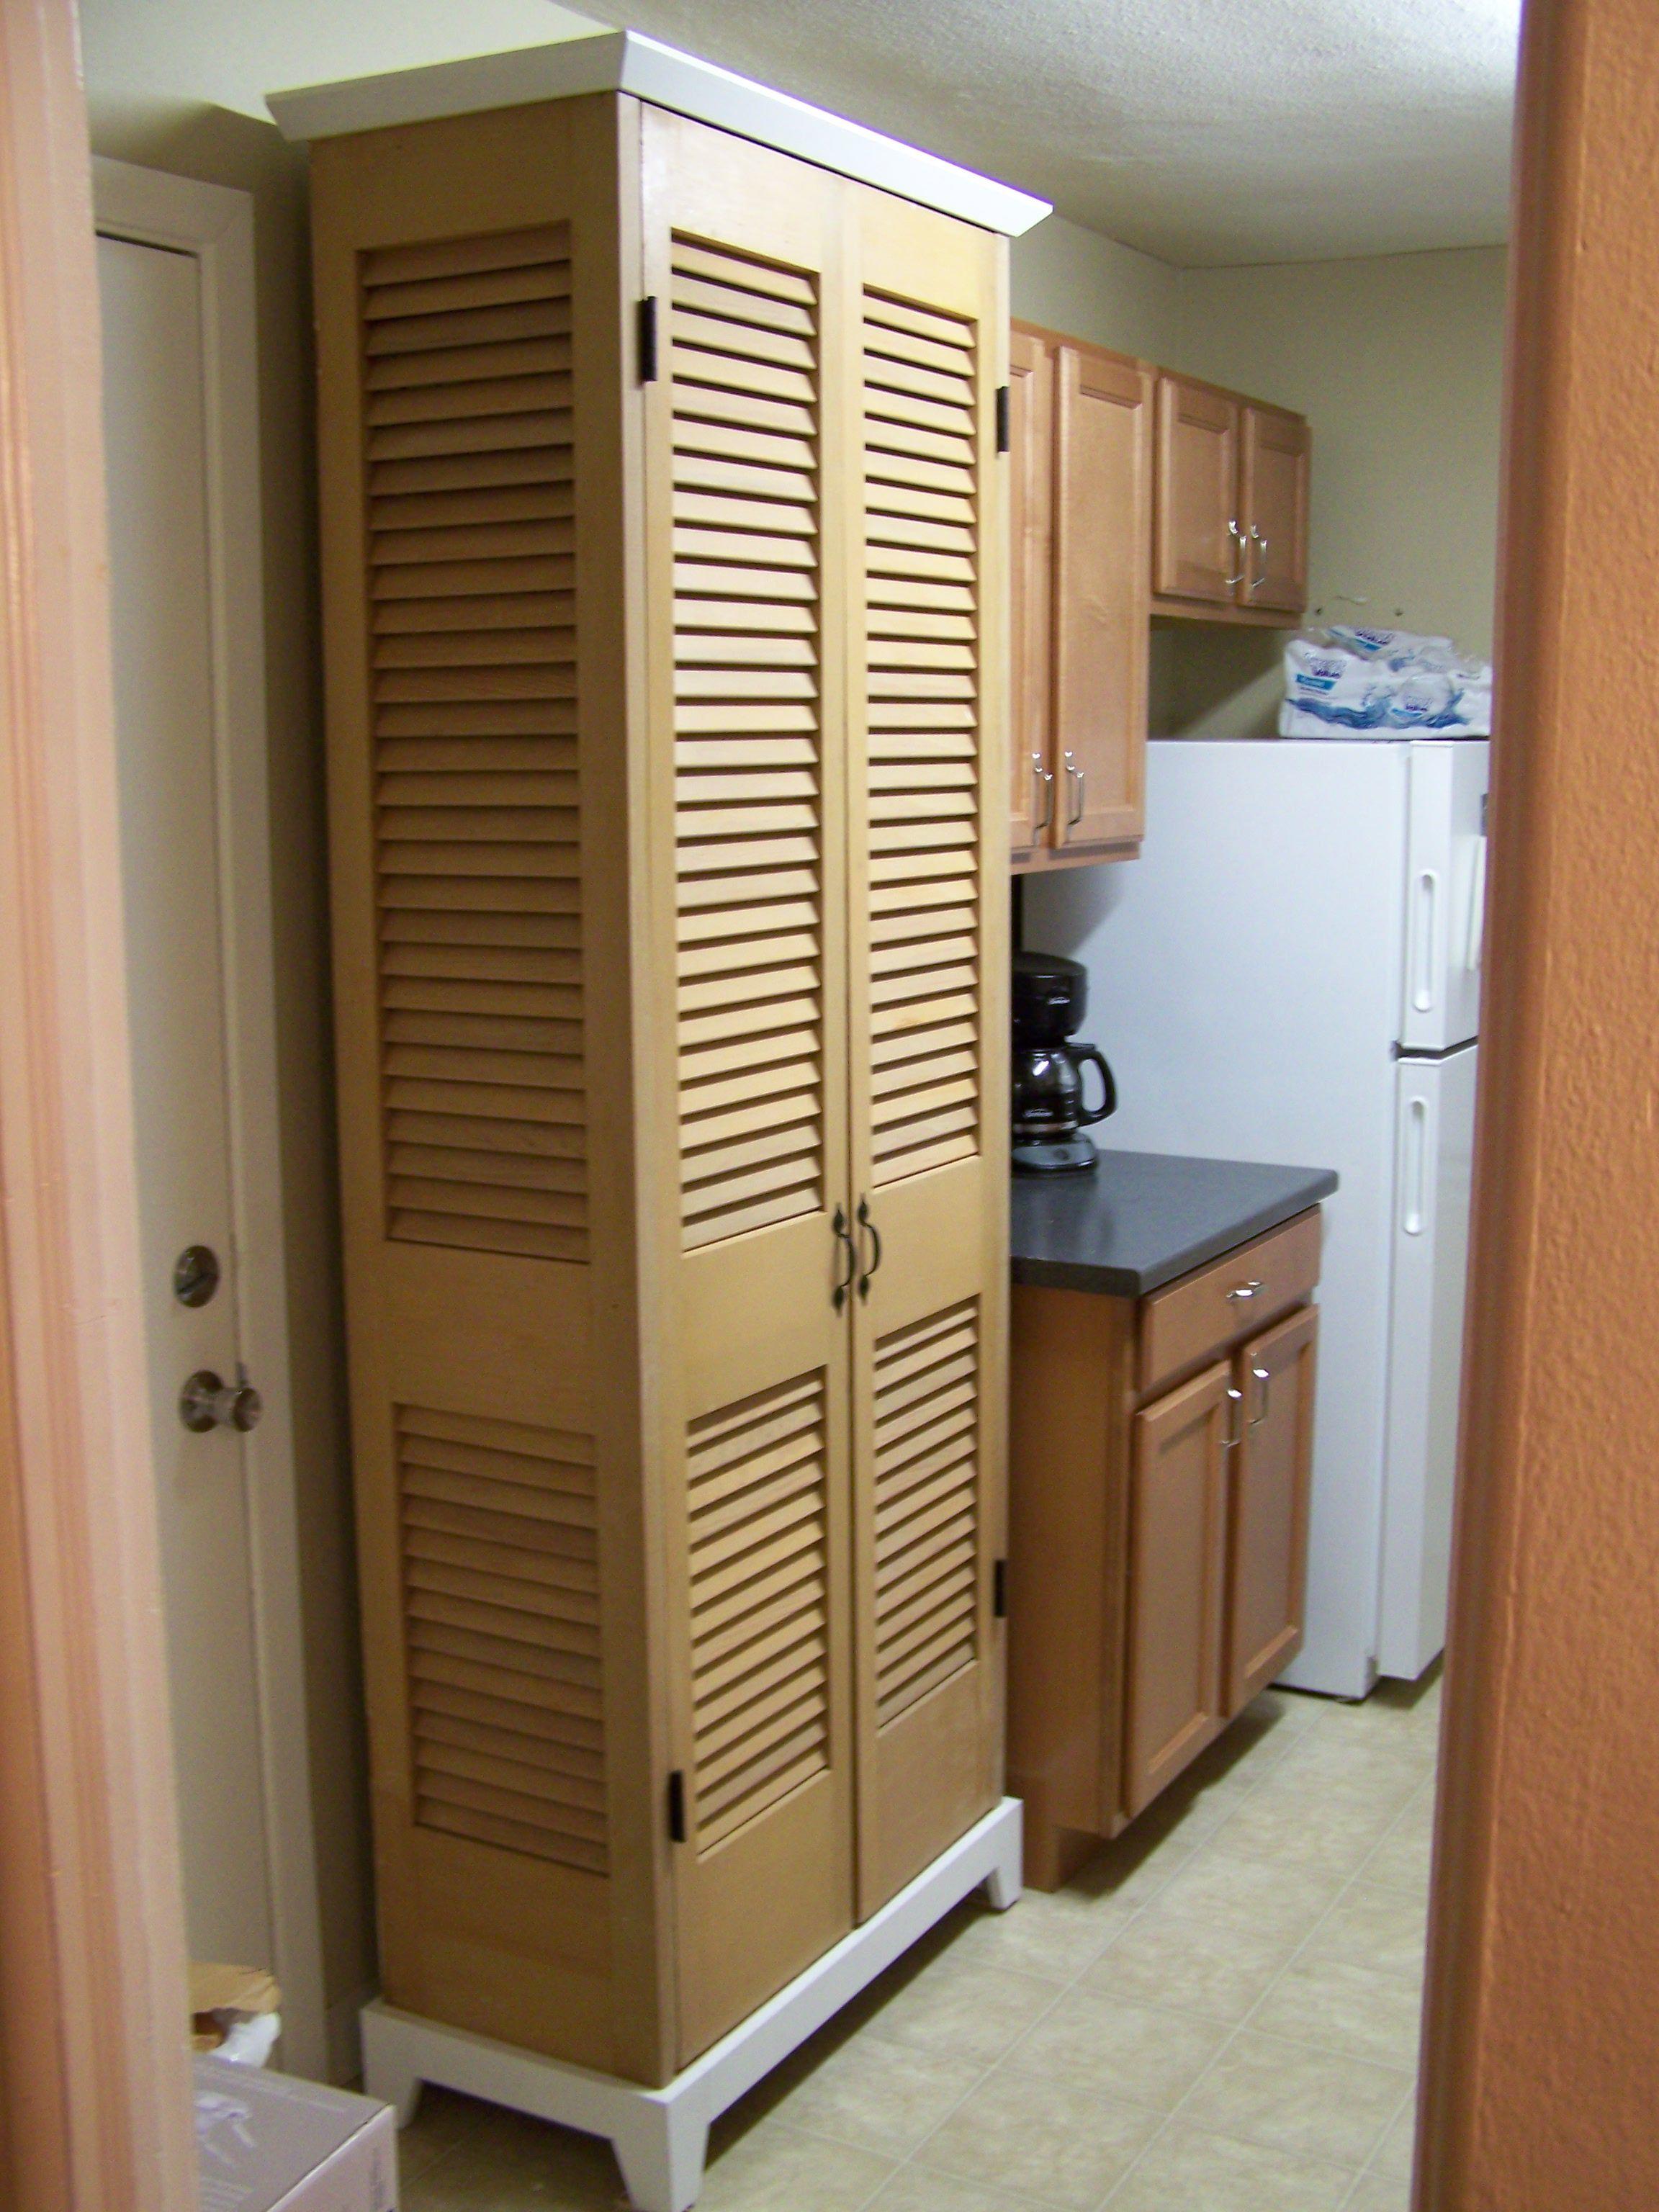 Repurposed Bifolding Doors Bifold Closet Doors Doors Repurposed Folding Closet Doors